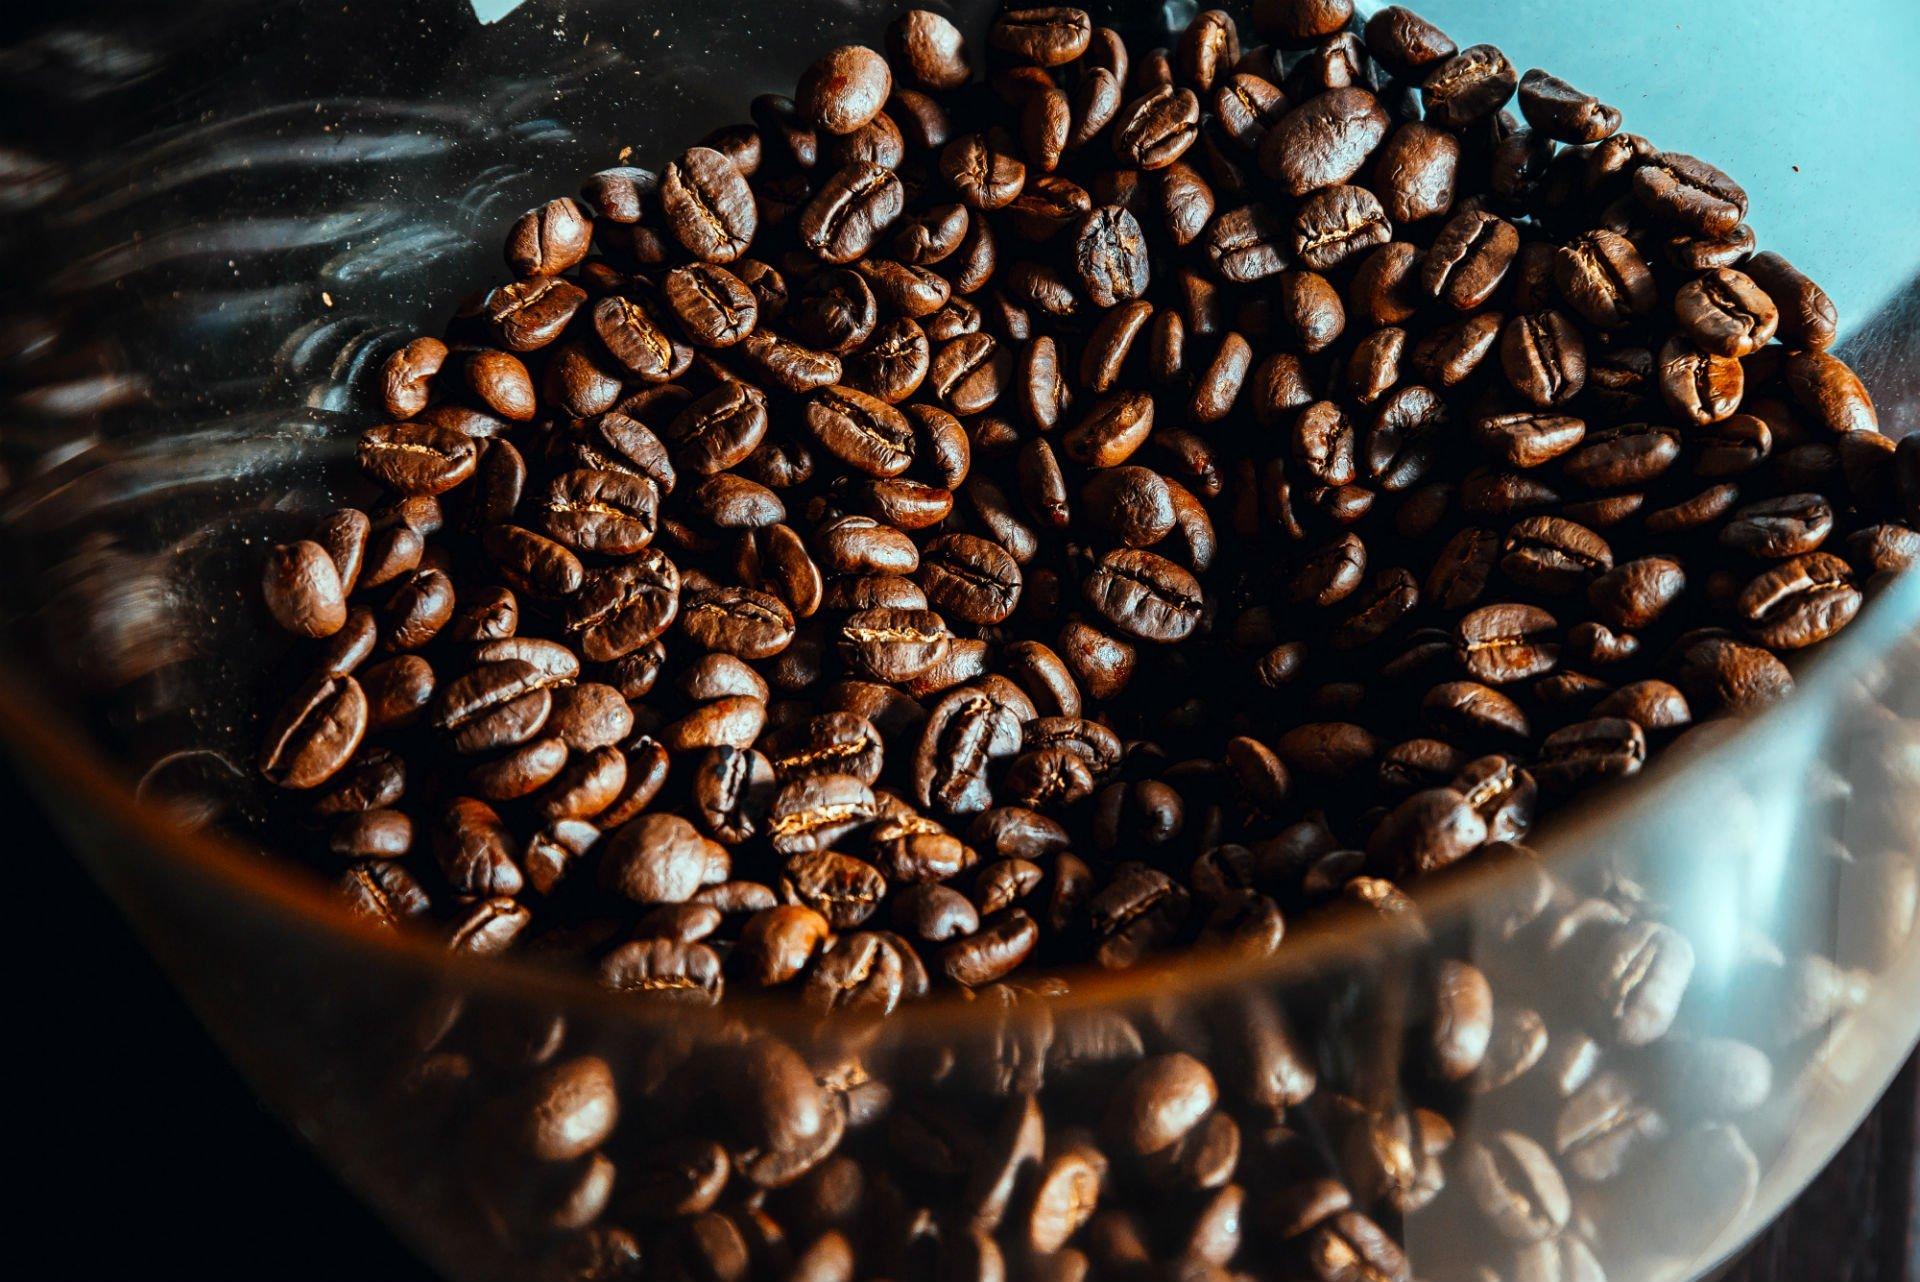 dei chicchi di caffè' in una bacinella